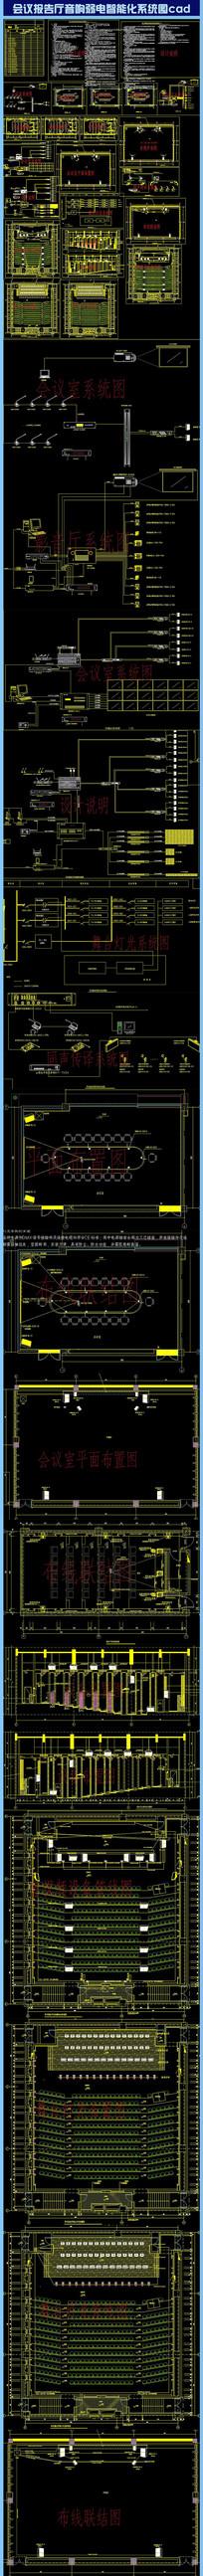 会议报告厅音响弱电系统图